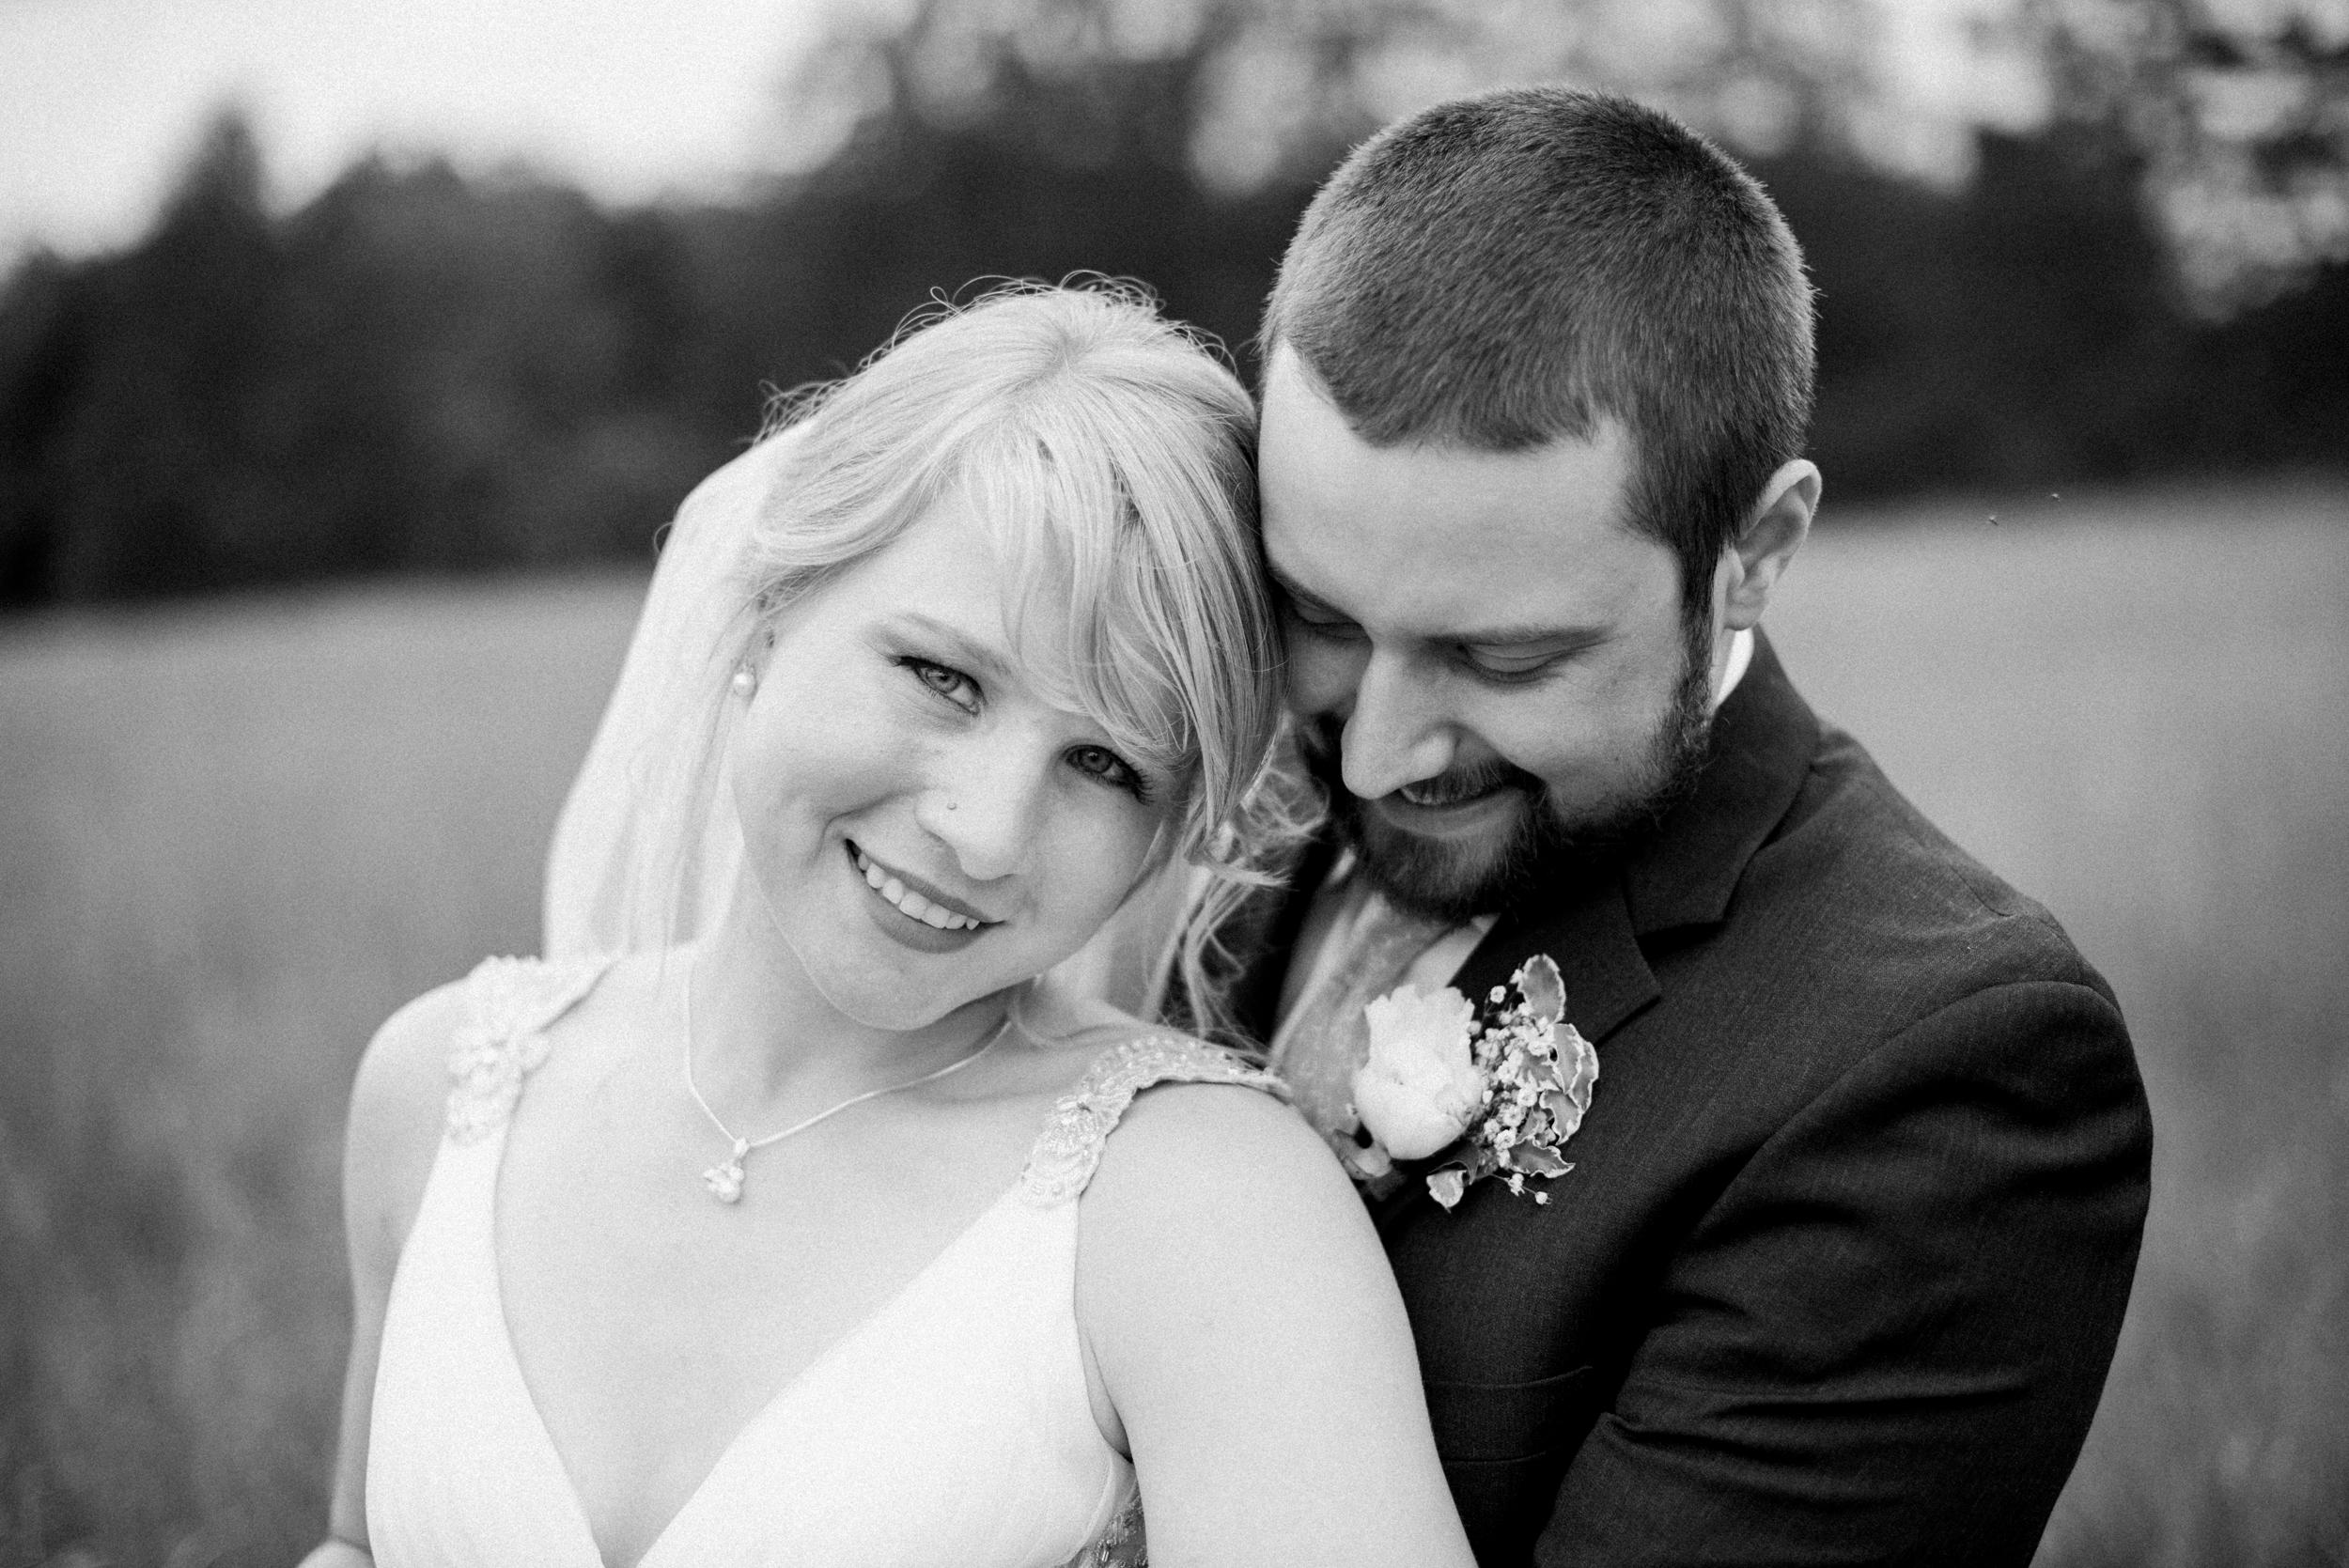 Berkshires Ma weddings